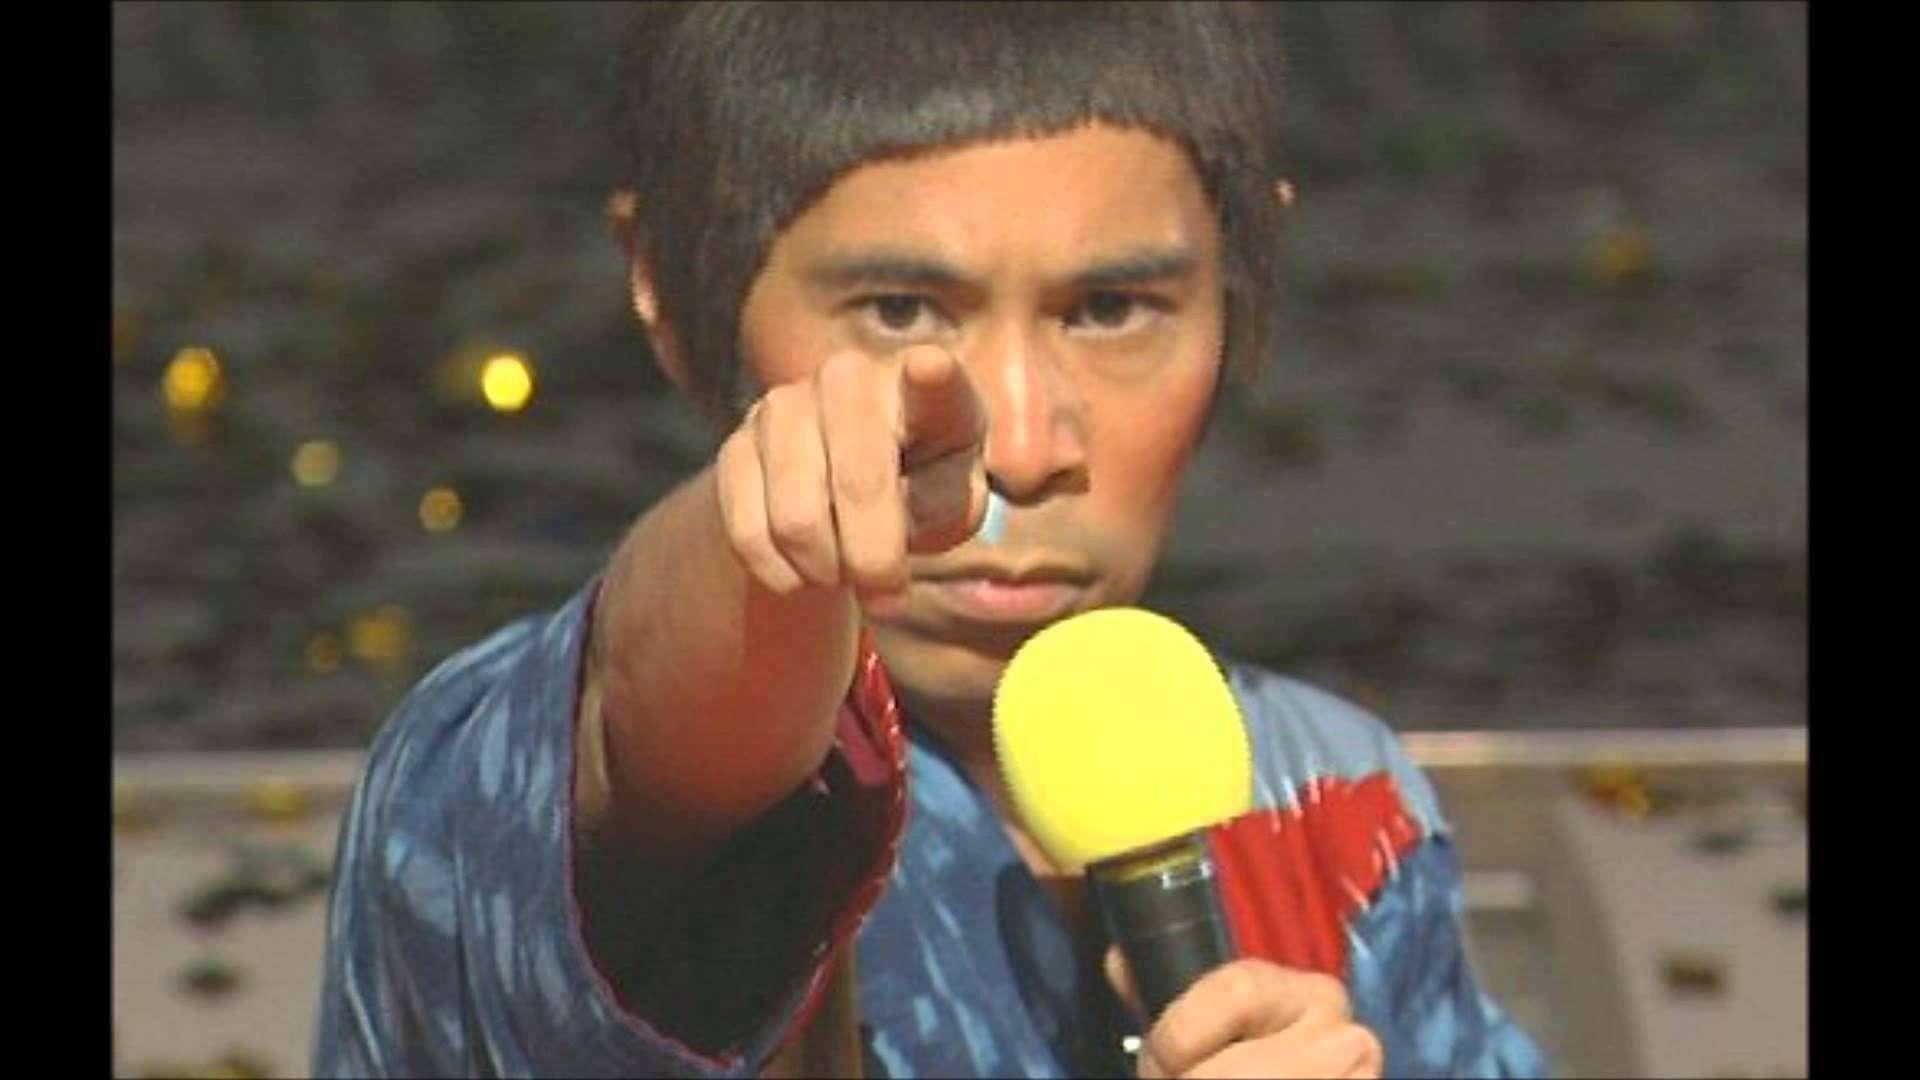 重盛さと美 島田紳助さんに「芸能界やめろ」と言われ、干された過去告白